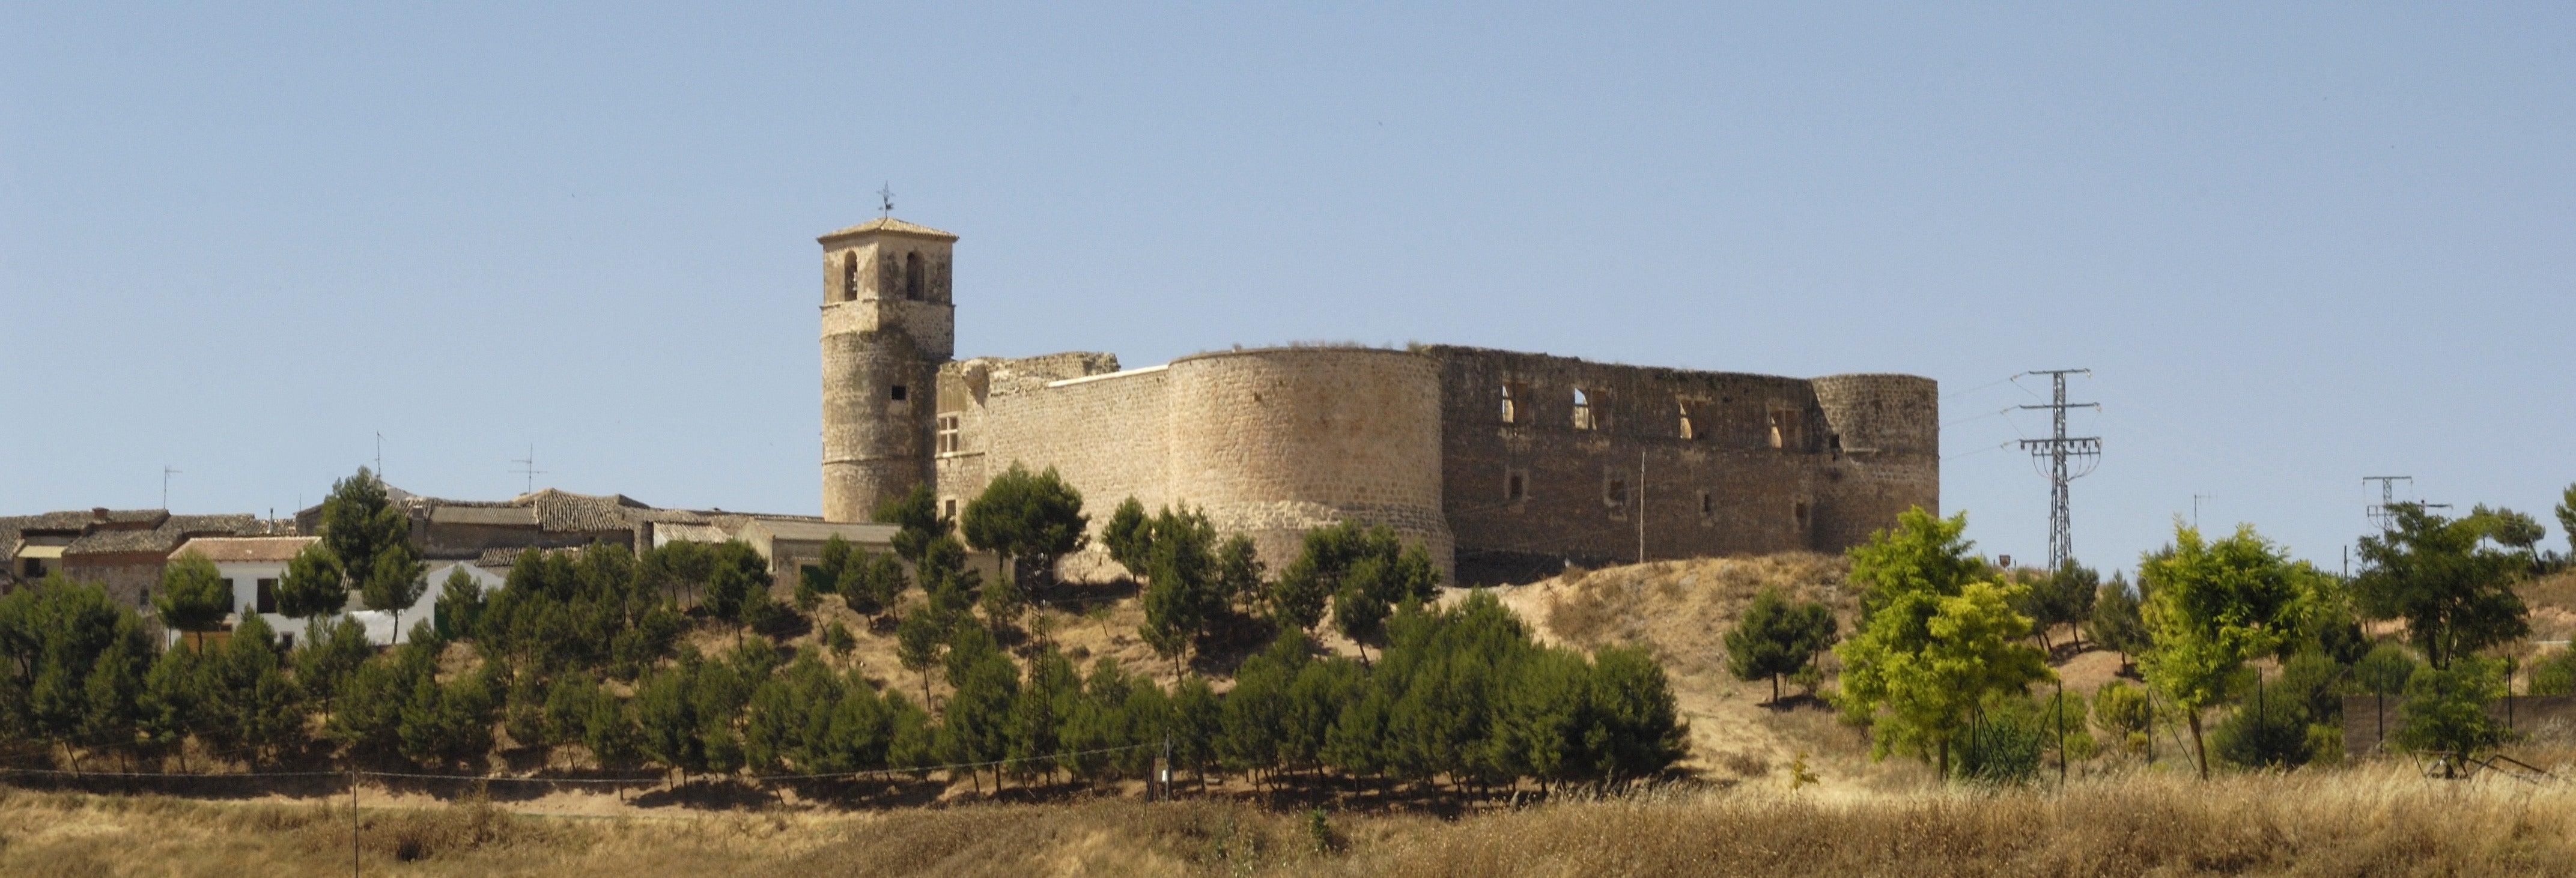 Ingresso do castelo de Garcimuñoz